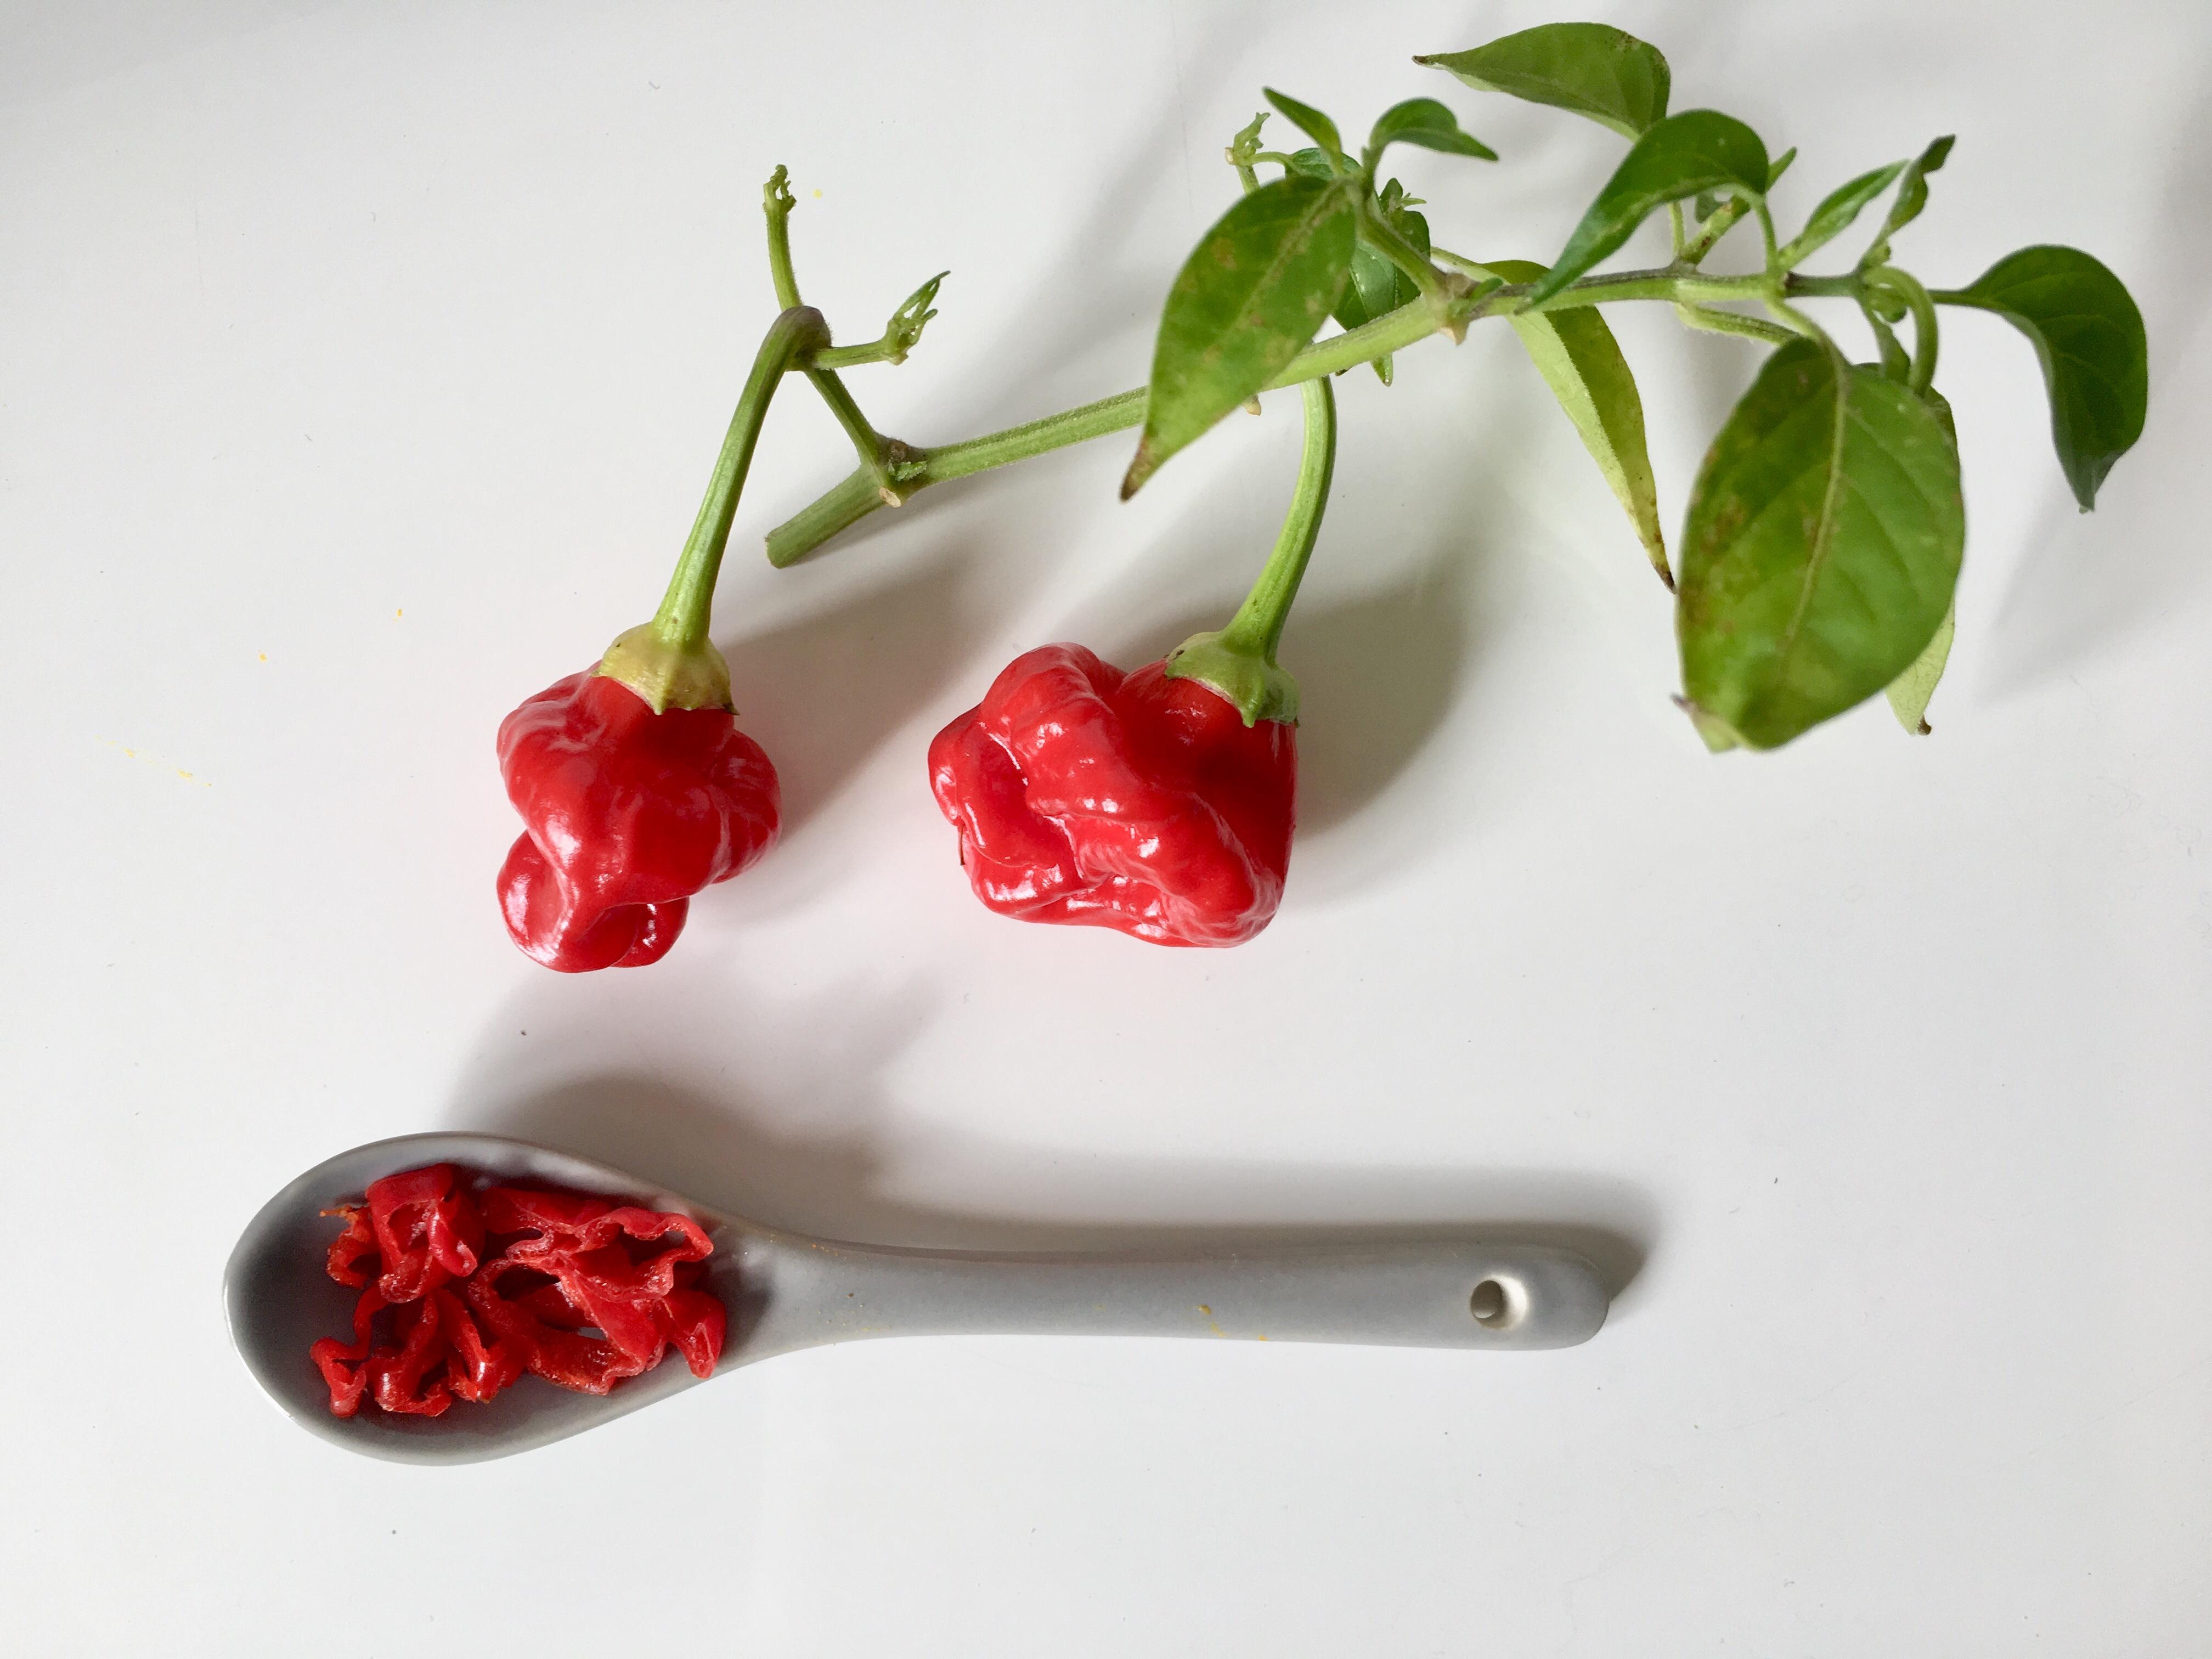 Herbstliche Kürbissuppe mit Chili: Chili Habanero